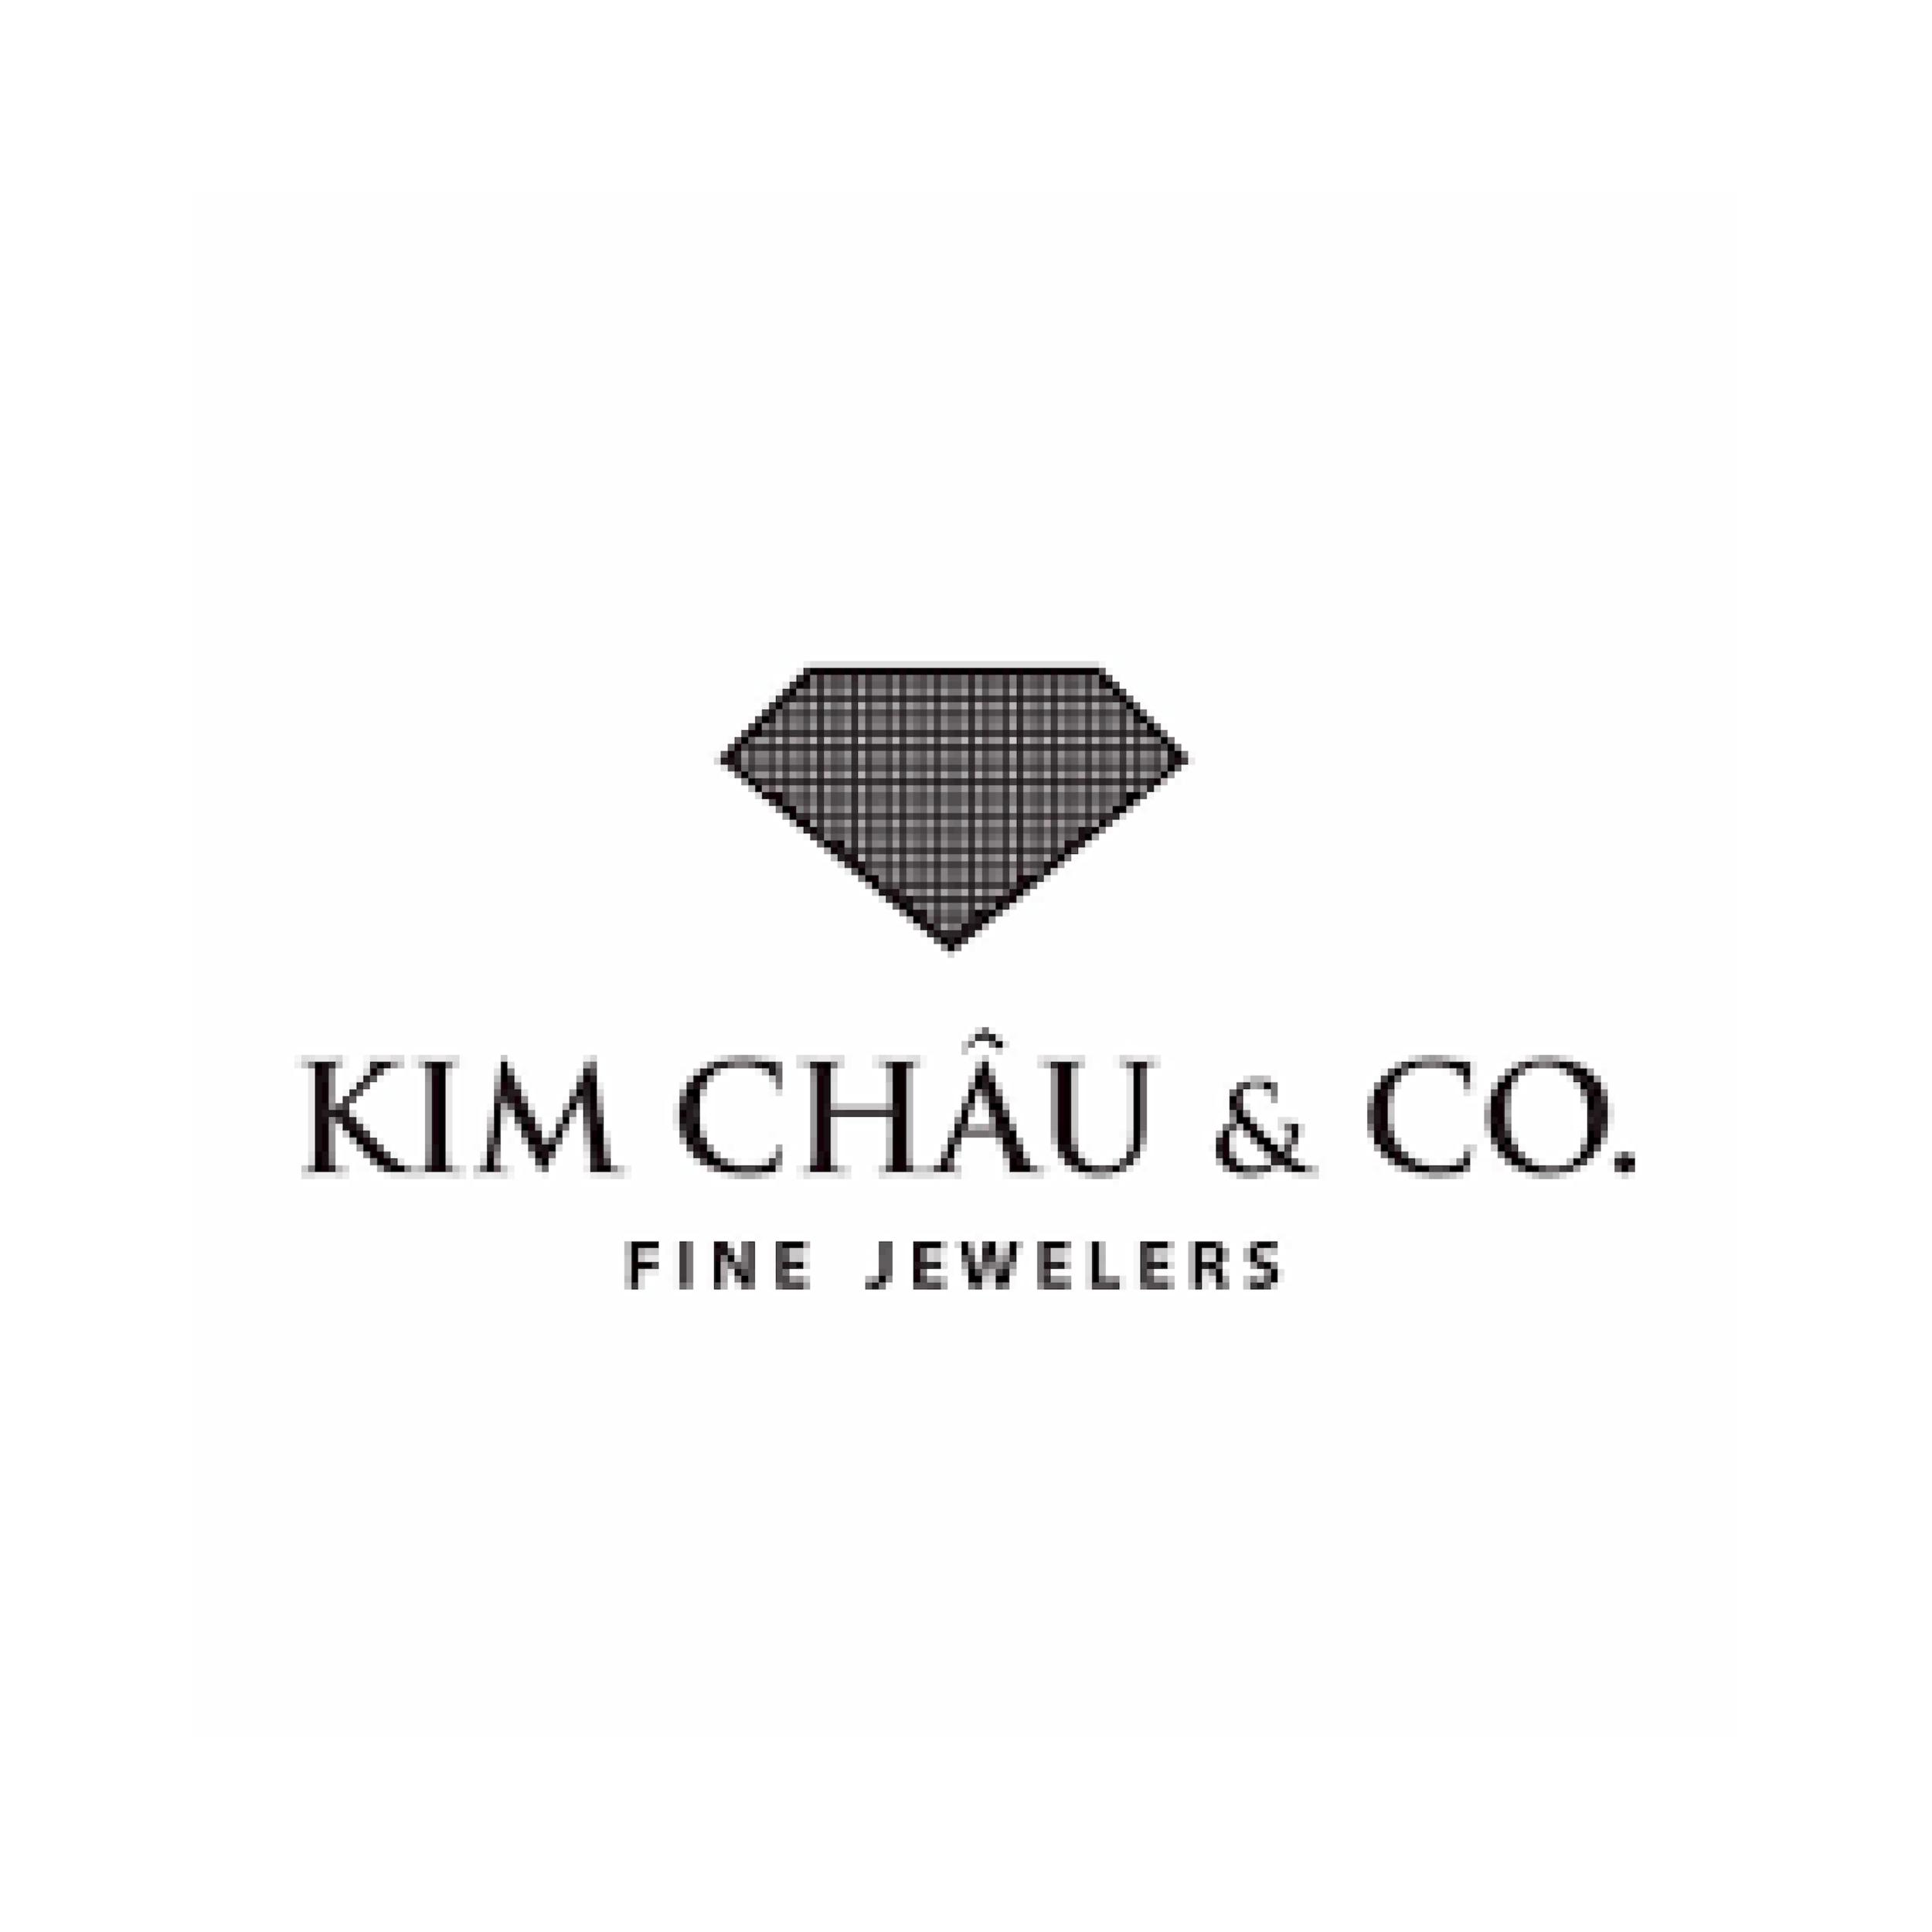 KIM CHAU - COMPANY LOGO.png